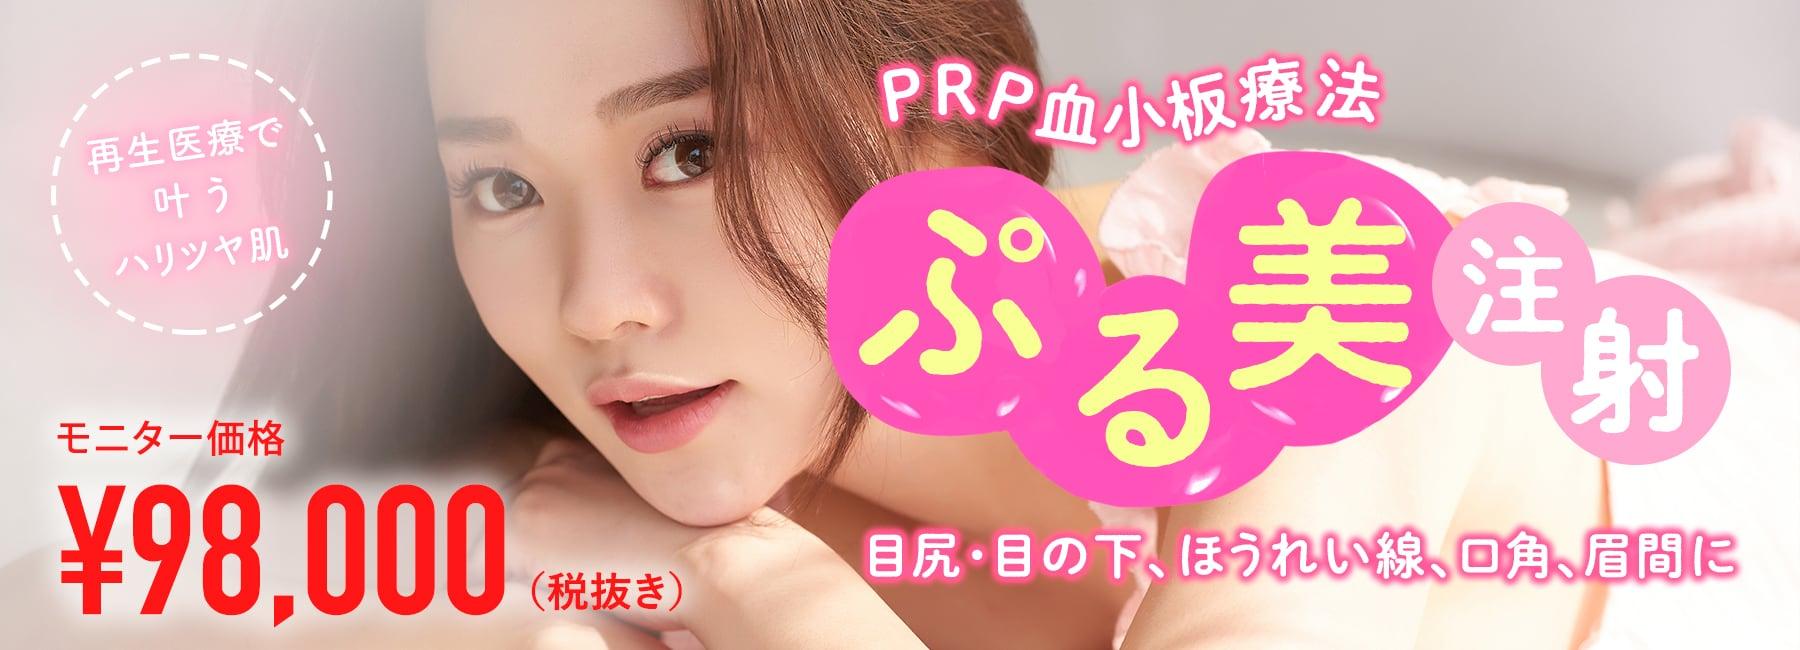 ぷる美注射(PRP血小板療法)